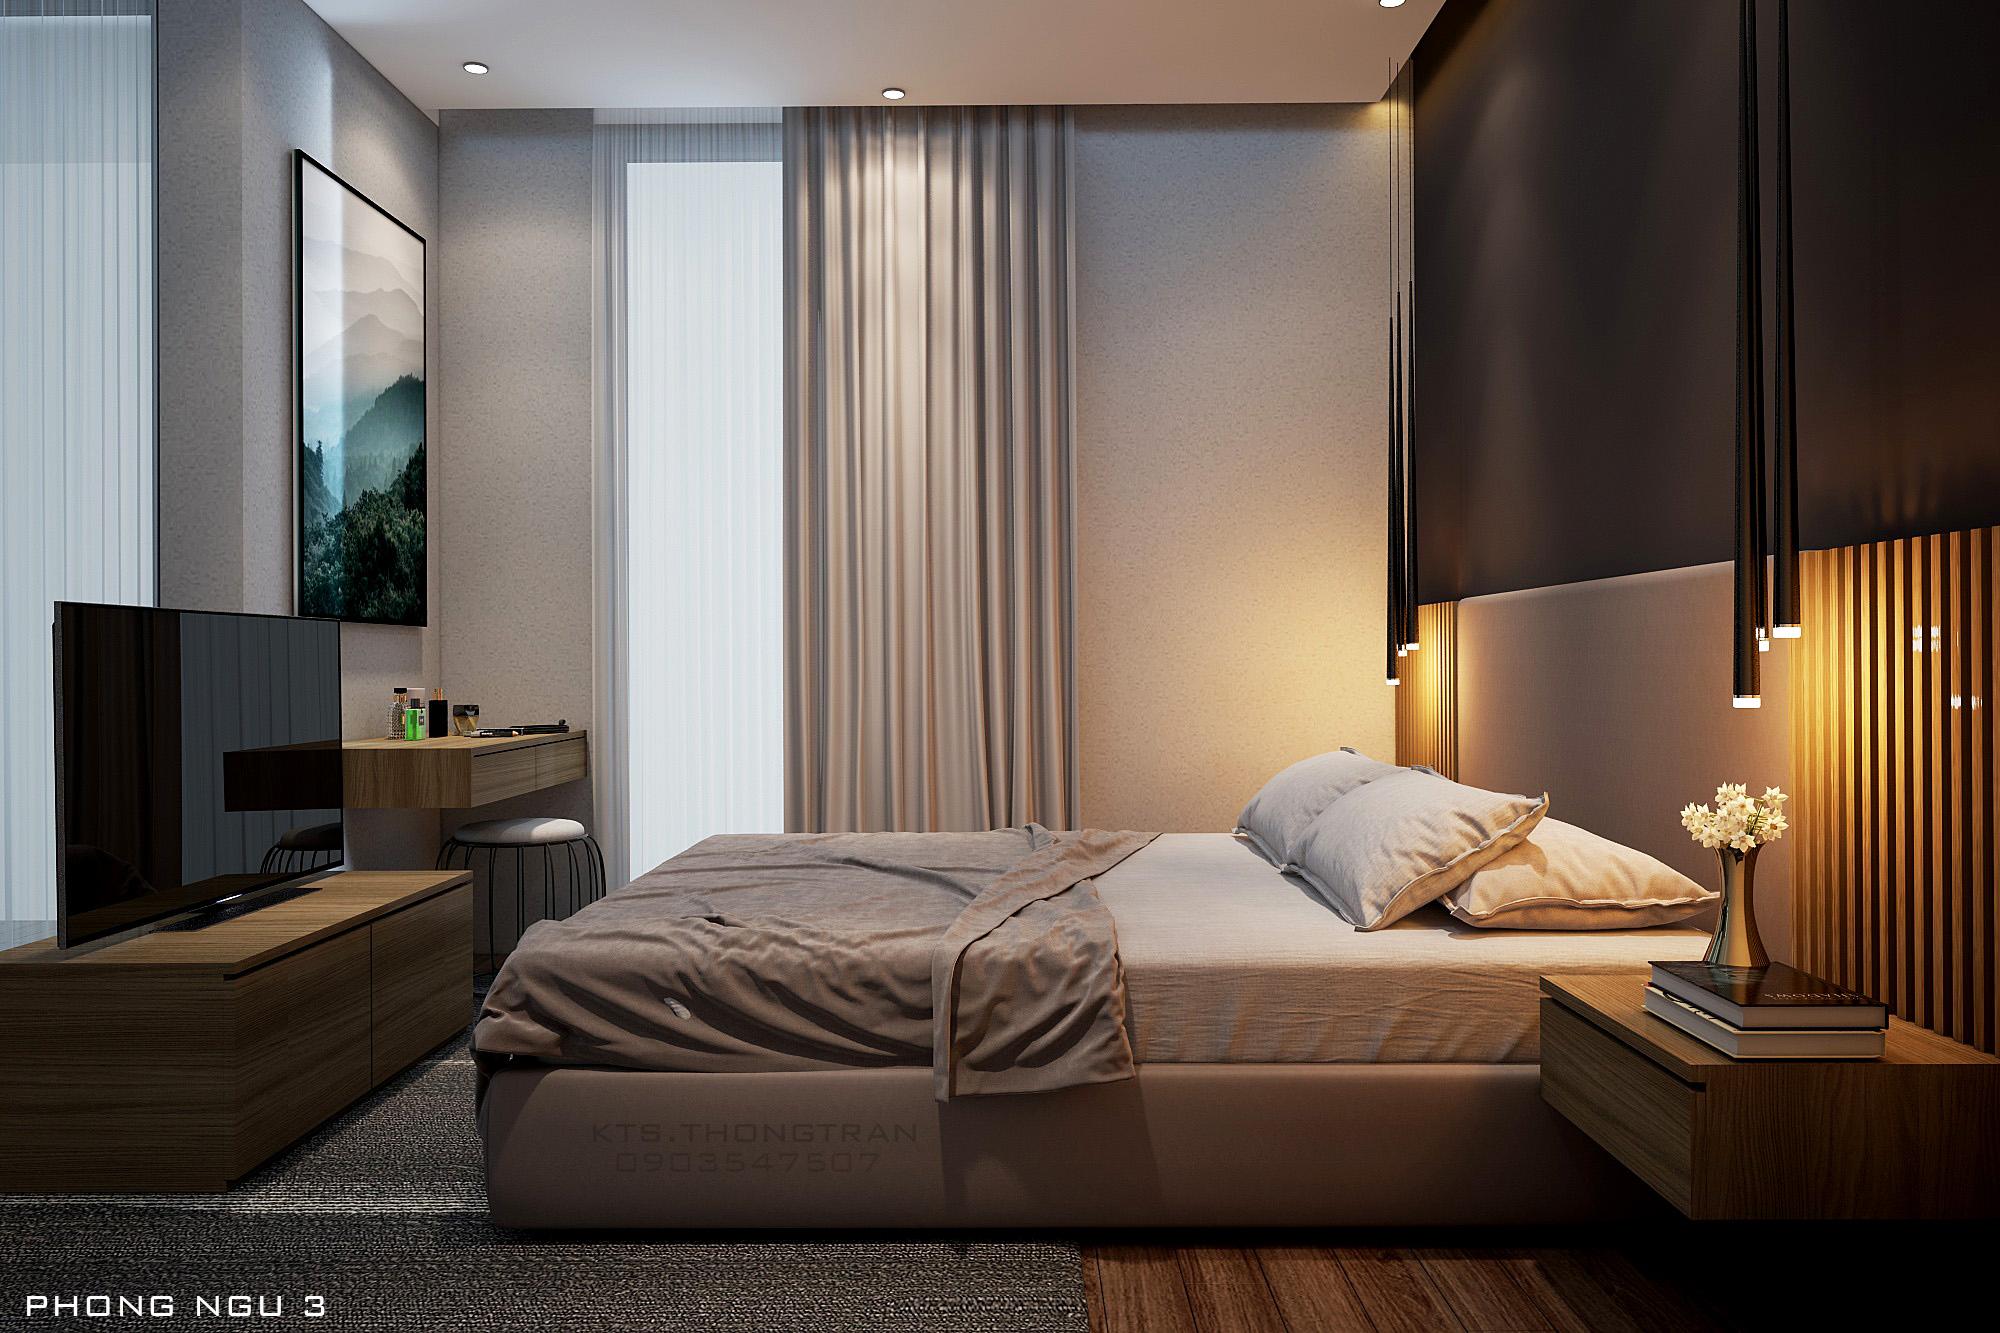 thiết kế nội thất Nhà Mặt Phố tại Đà Nẵng Nhà Phố 10 1548240980